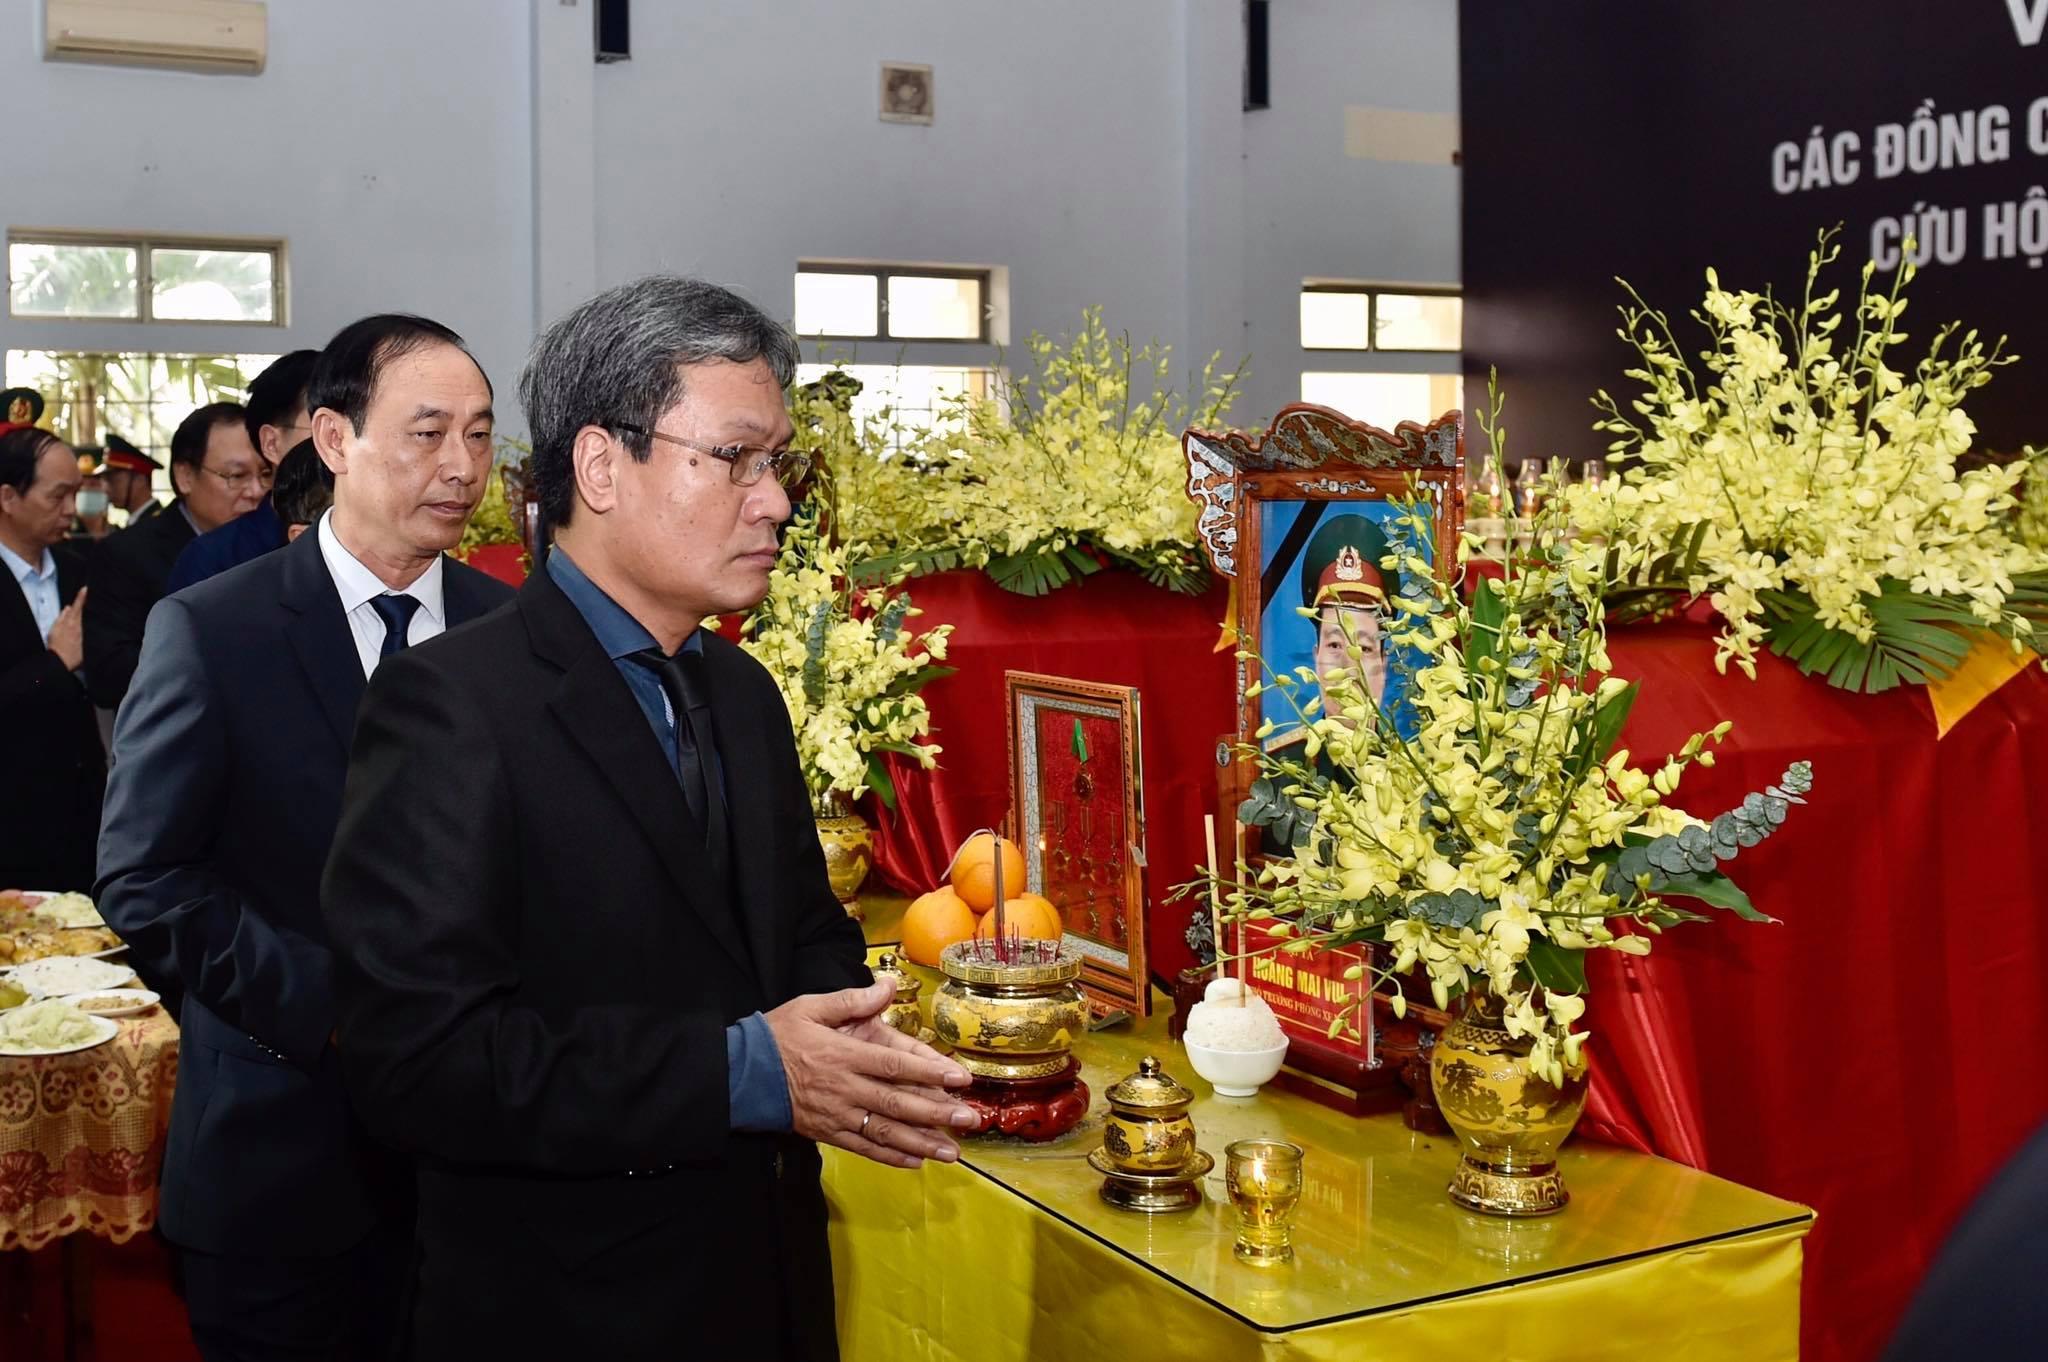 Phó Thủ tướng Trịnh Đình Dũng viếng 13 liệt sĩ hy sinh ở Rào Trăng - Ảnh 13